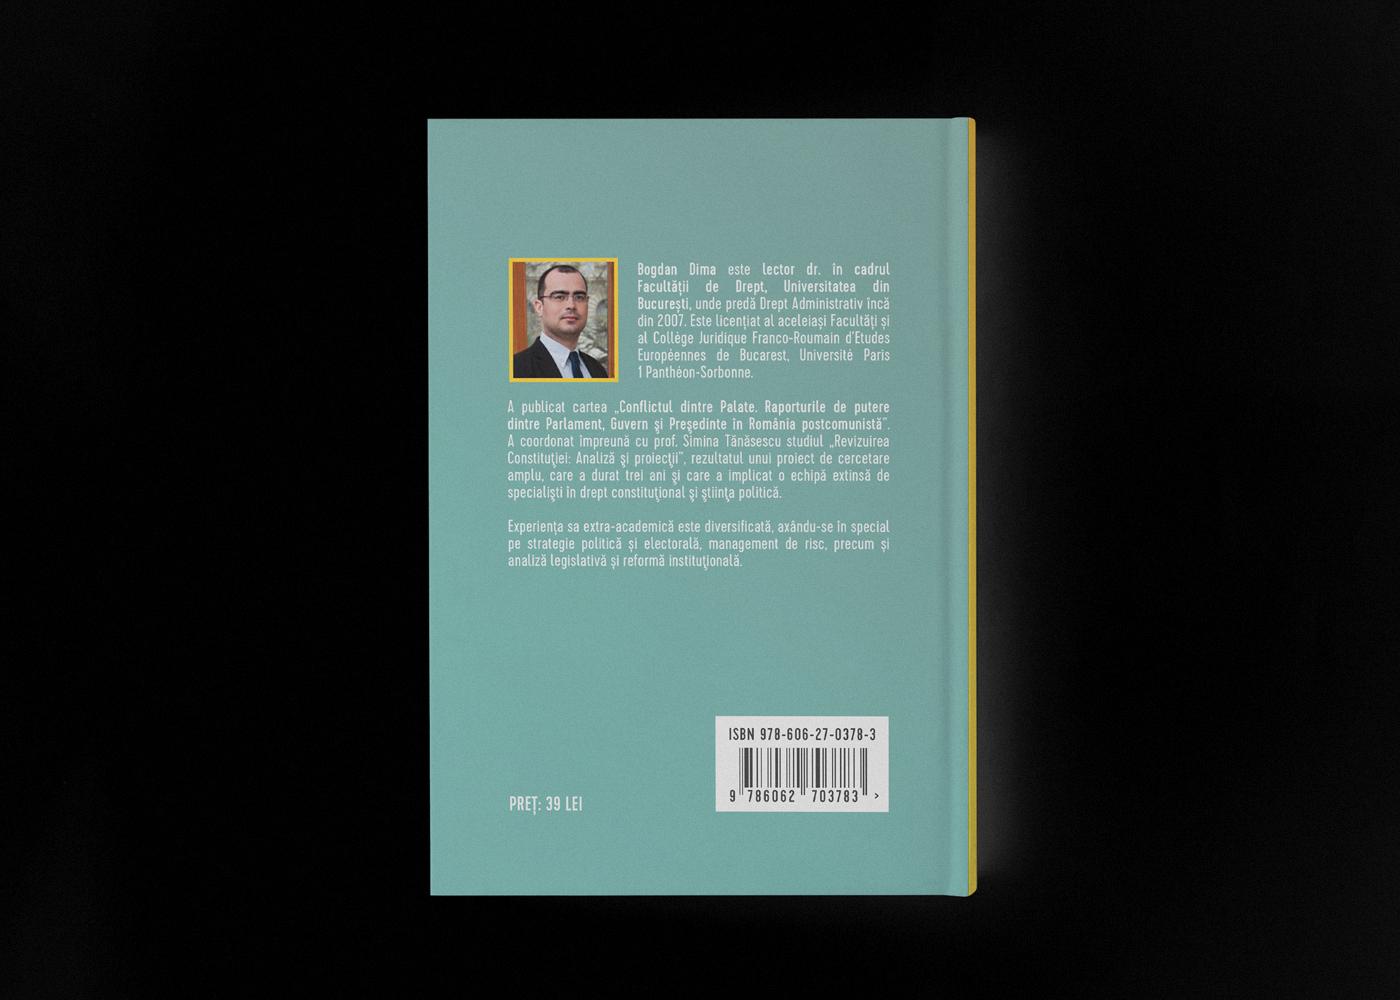 Doctor of Law book cover book design cover design Bogdan Dima Cristi Ursea Dsgnr Studio